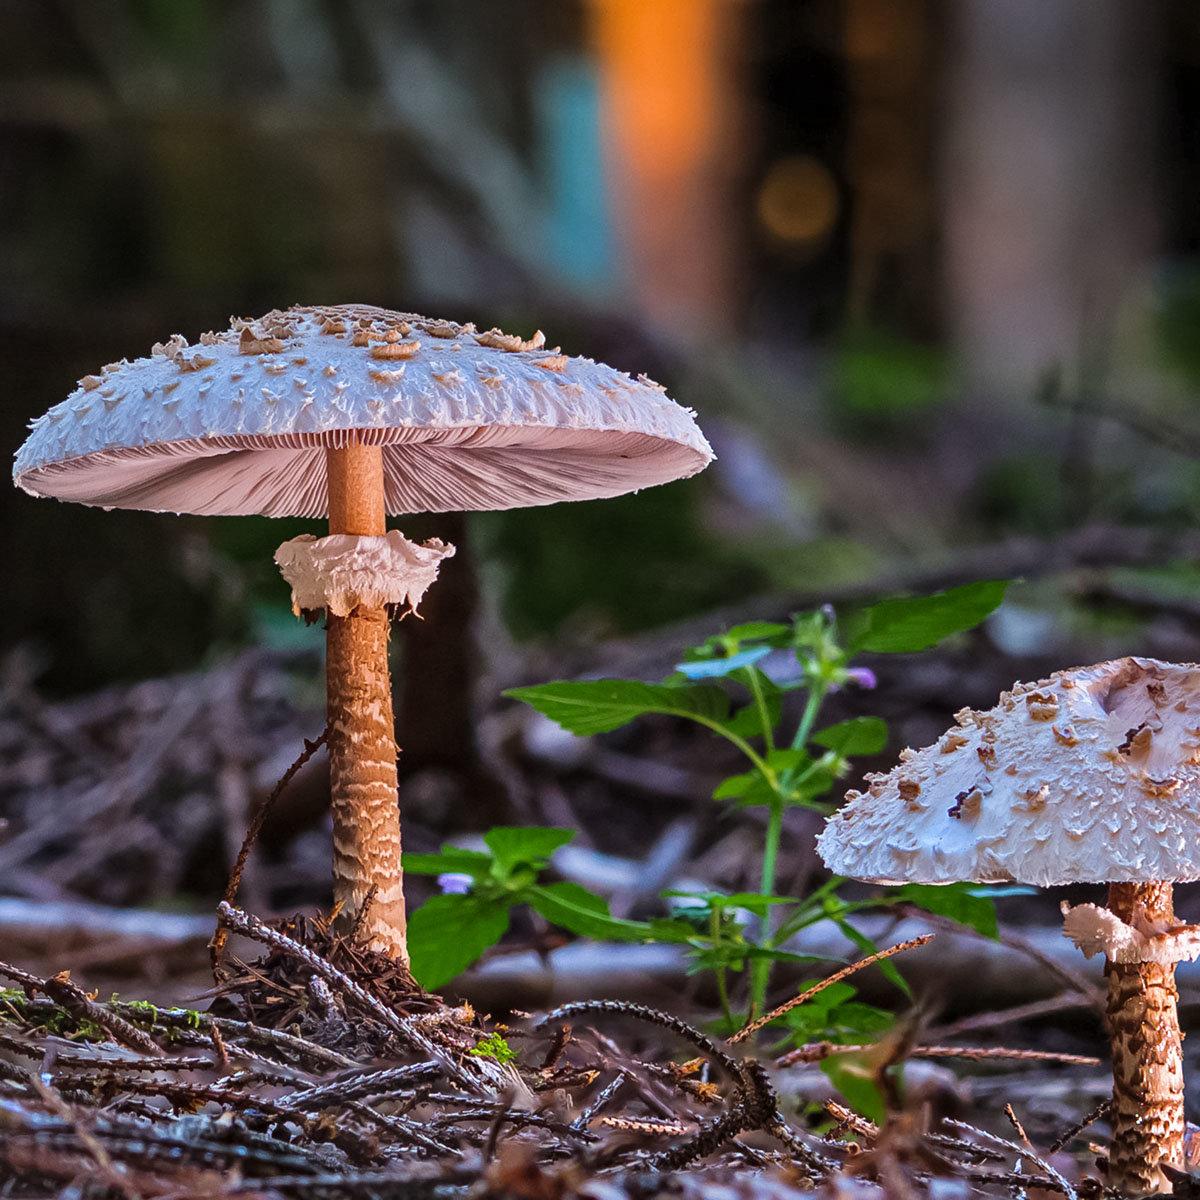 Waldgartenpilzkultur Parasol